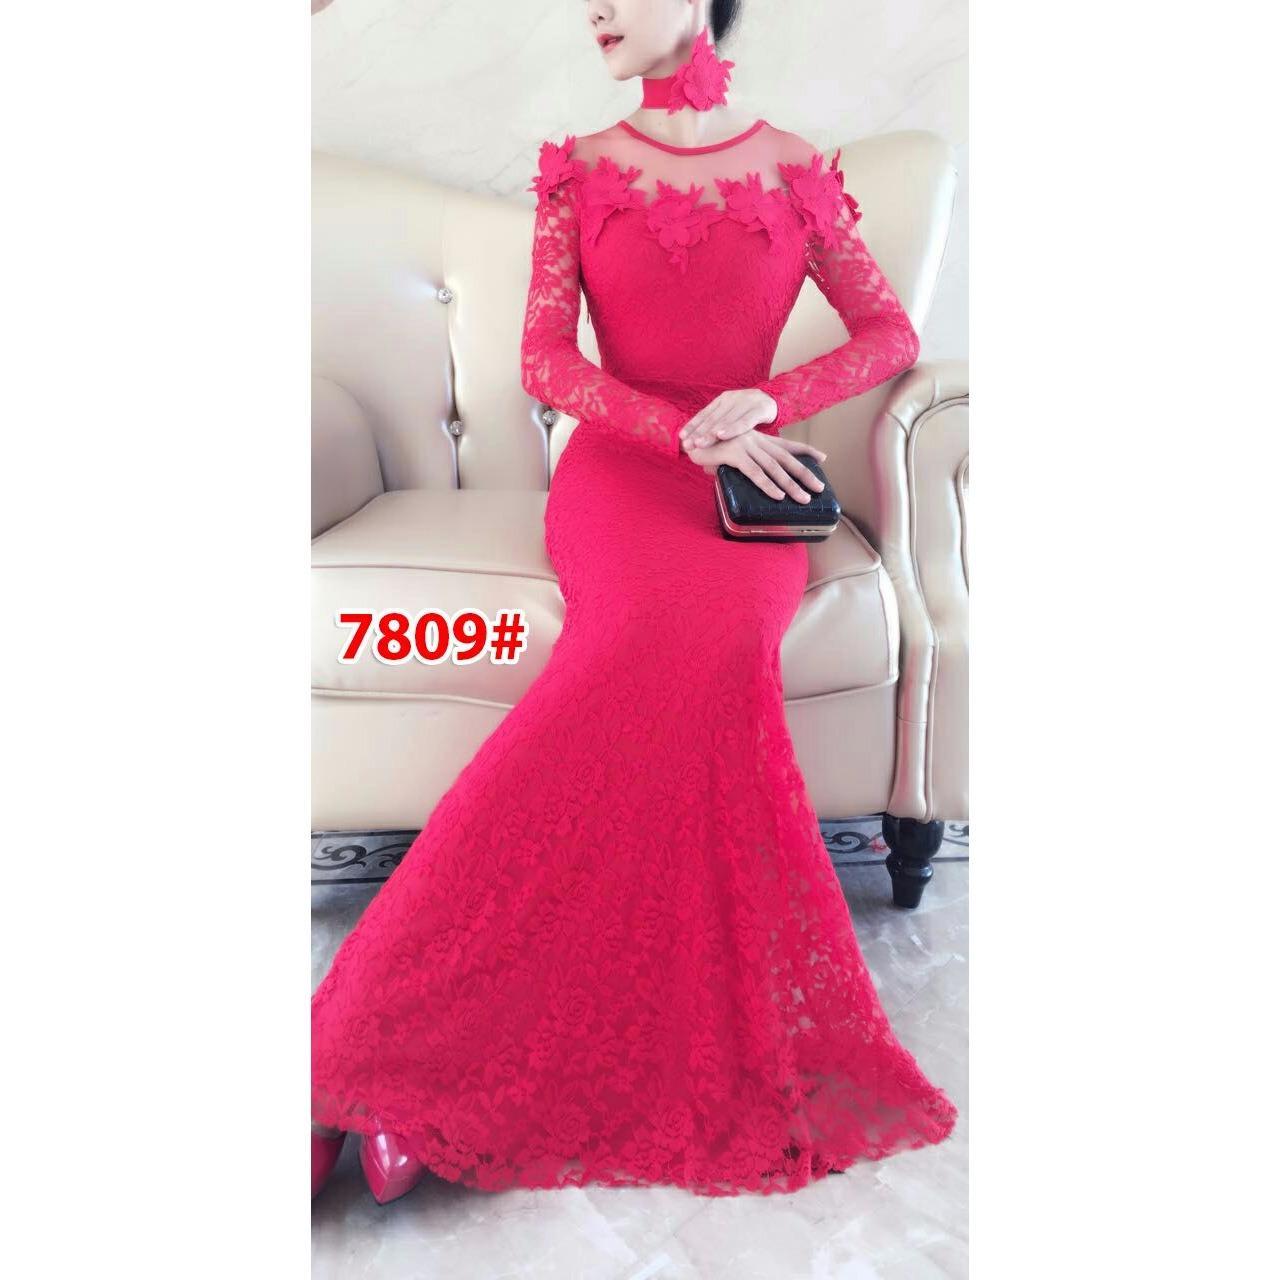 7809# baju pesta import  / gaun pesta import / baju pesta brokat / longdress fashion import / gaunpanjang